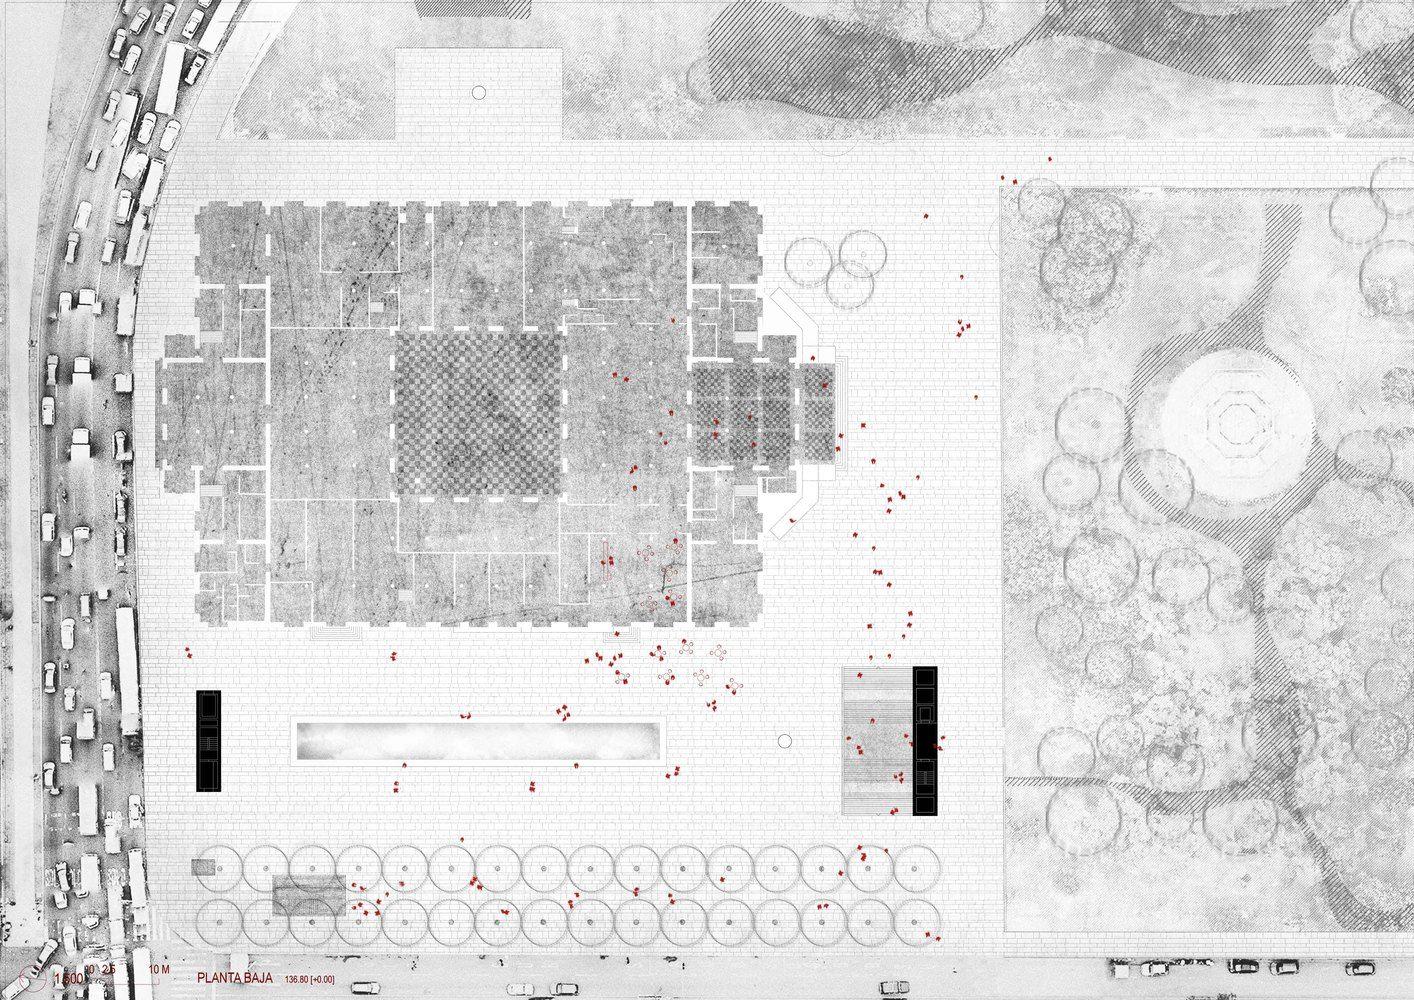 Galería de Lopes Brenna, Moramarco + Ventrella y Filippo Bolognese, finalista en concurso de ampliación de la nueva ala de arte contemporáneo del MALI en Lima – 6